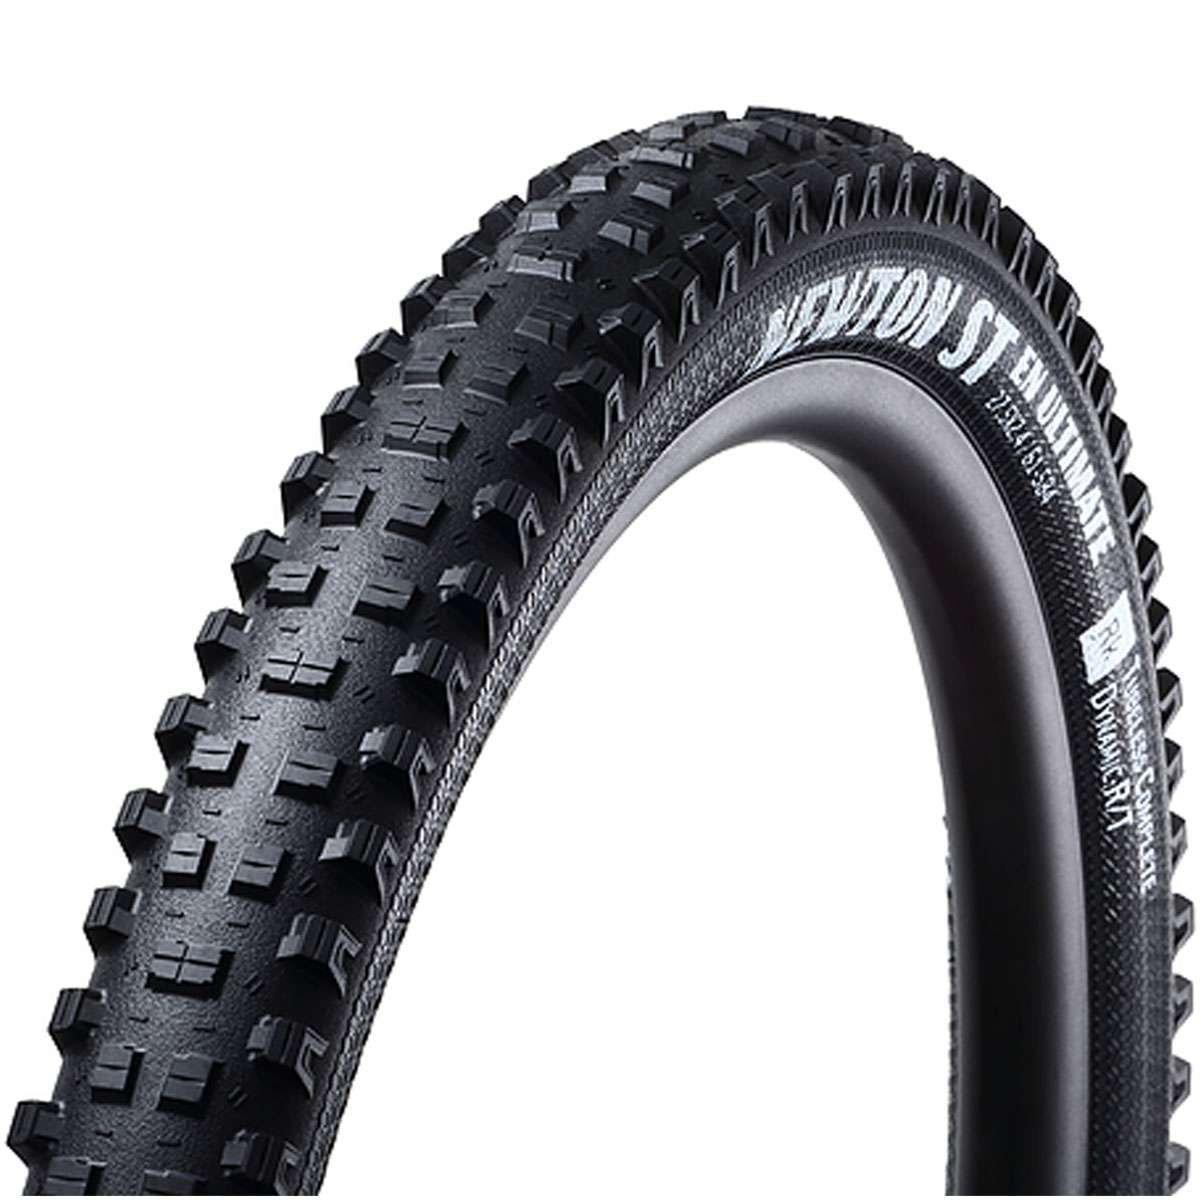 グッドイヤーニュートンSt自転車タイヤ – 29 '、2.60、折りたたみ、Tubeless Ready – Gr。002.66.622.v005.r   B07FQX3LNF